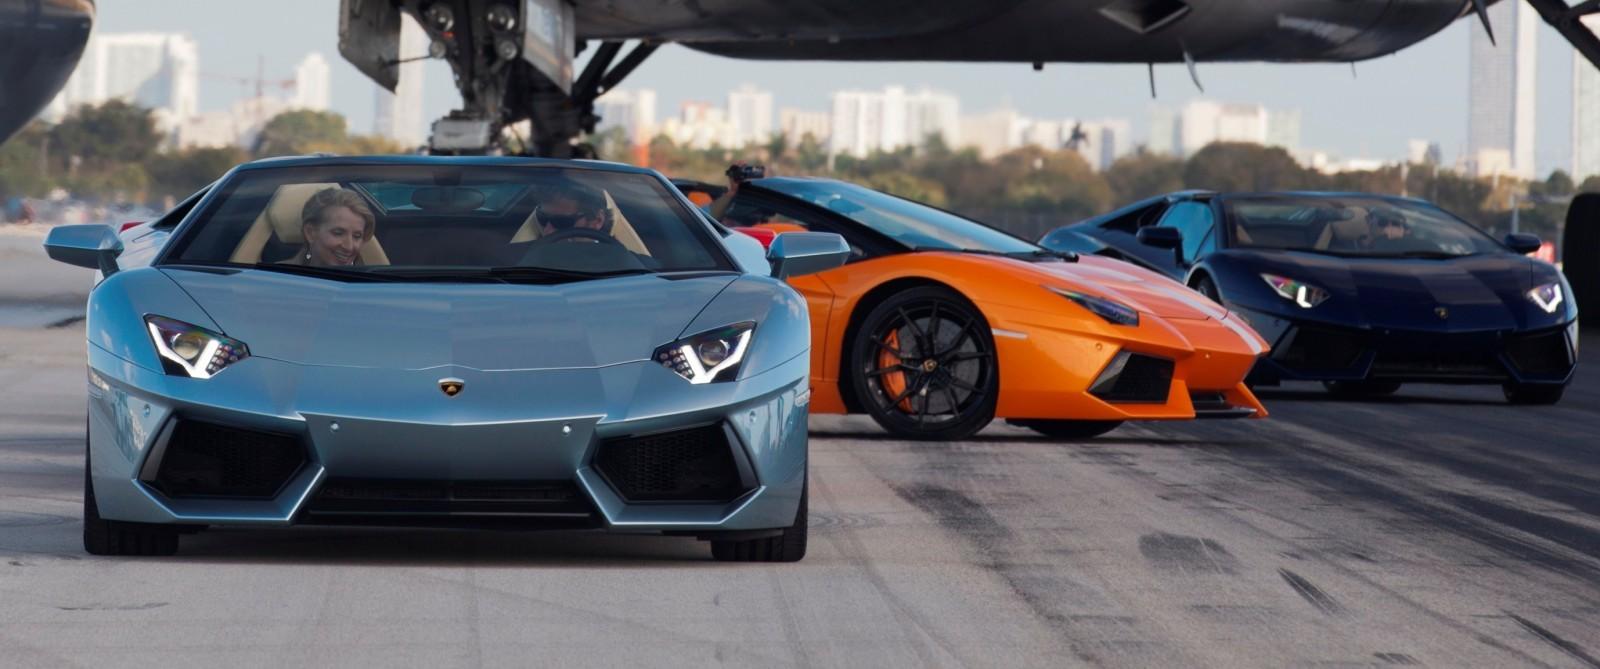 Hypercar Showcase - 2014 Lamborghini Aventador Trumped Only By Aventador J and Aventador Roadster 34